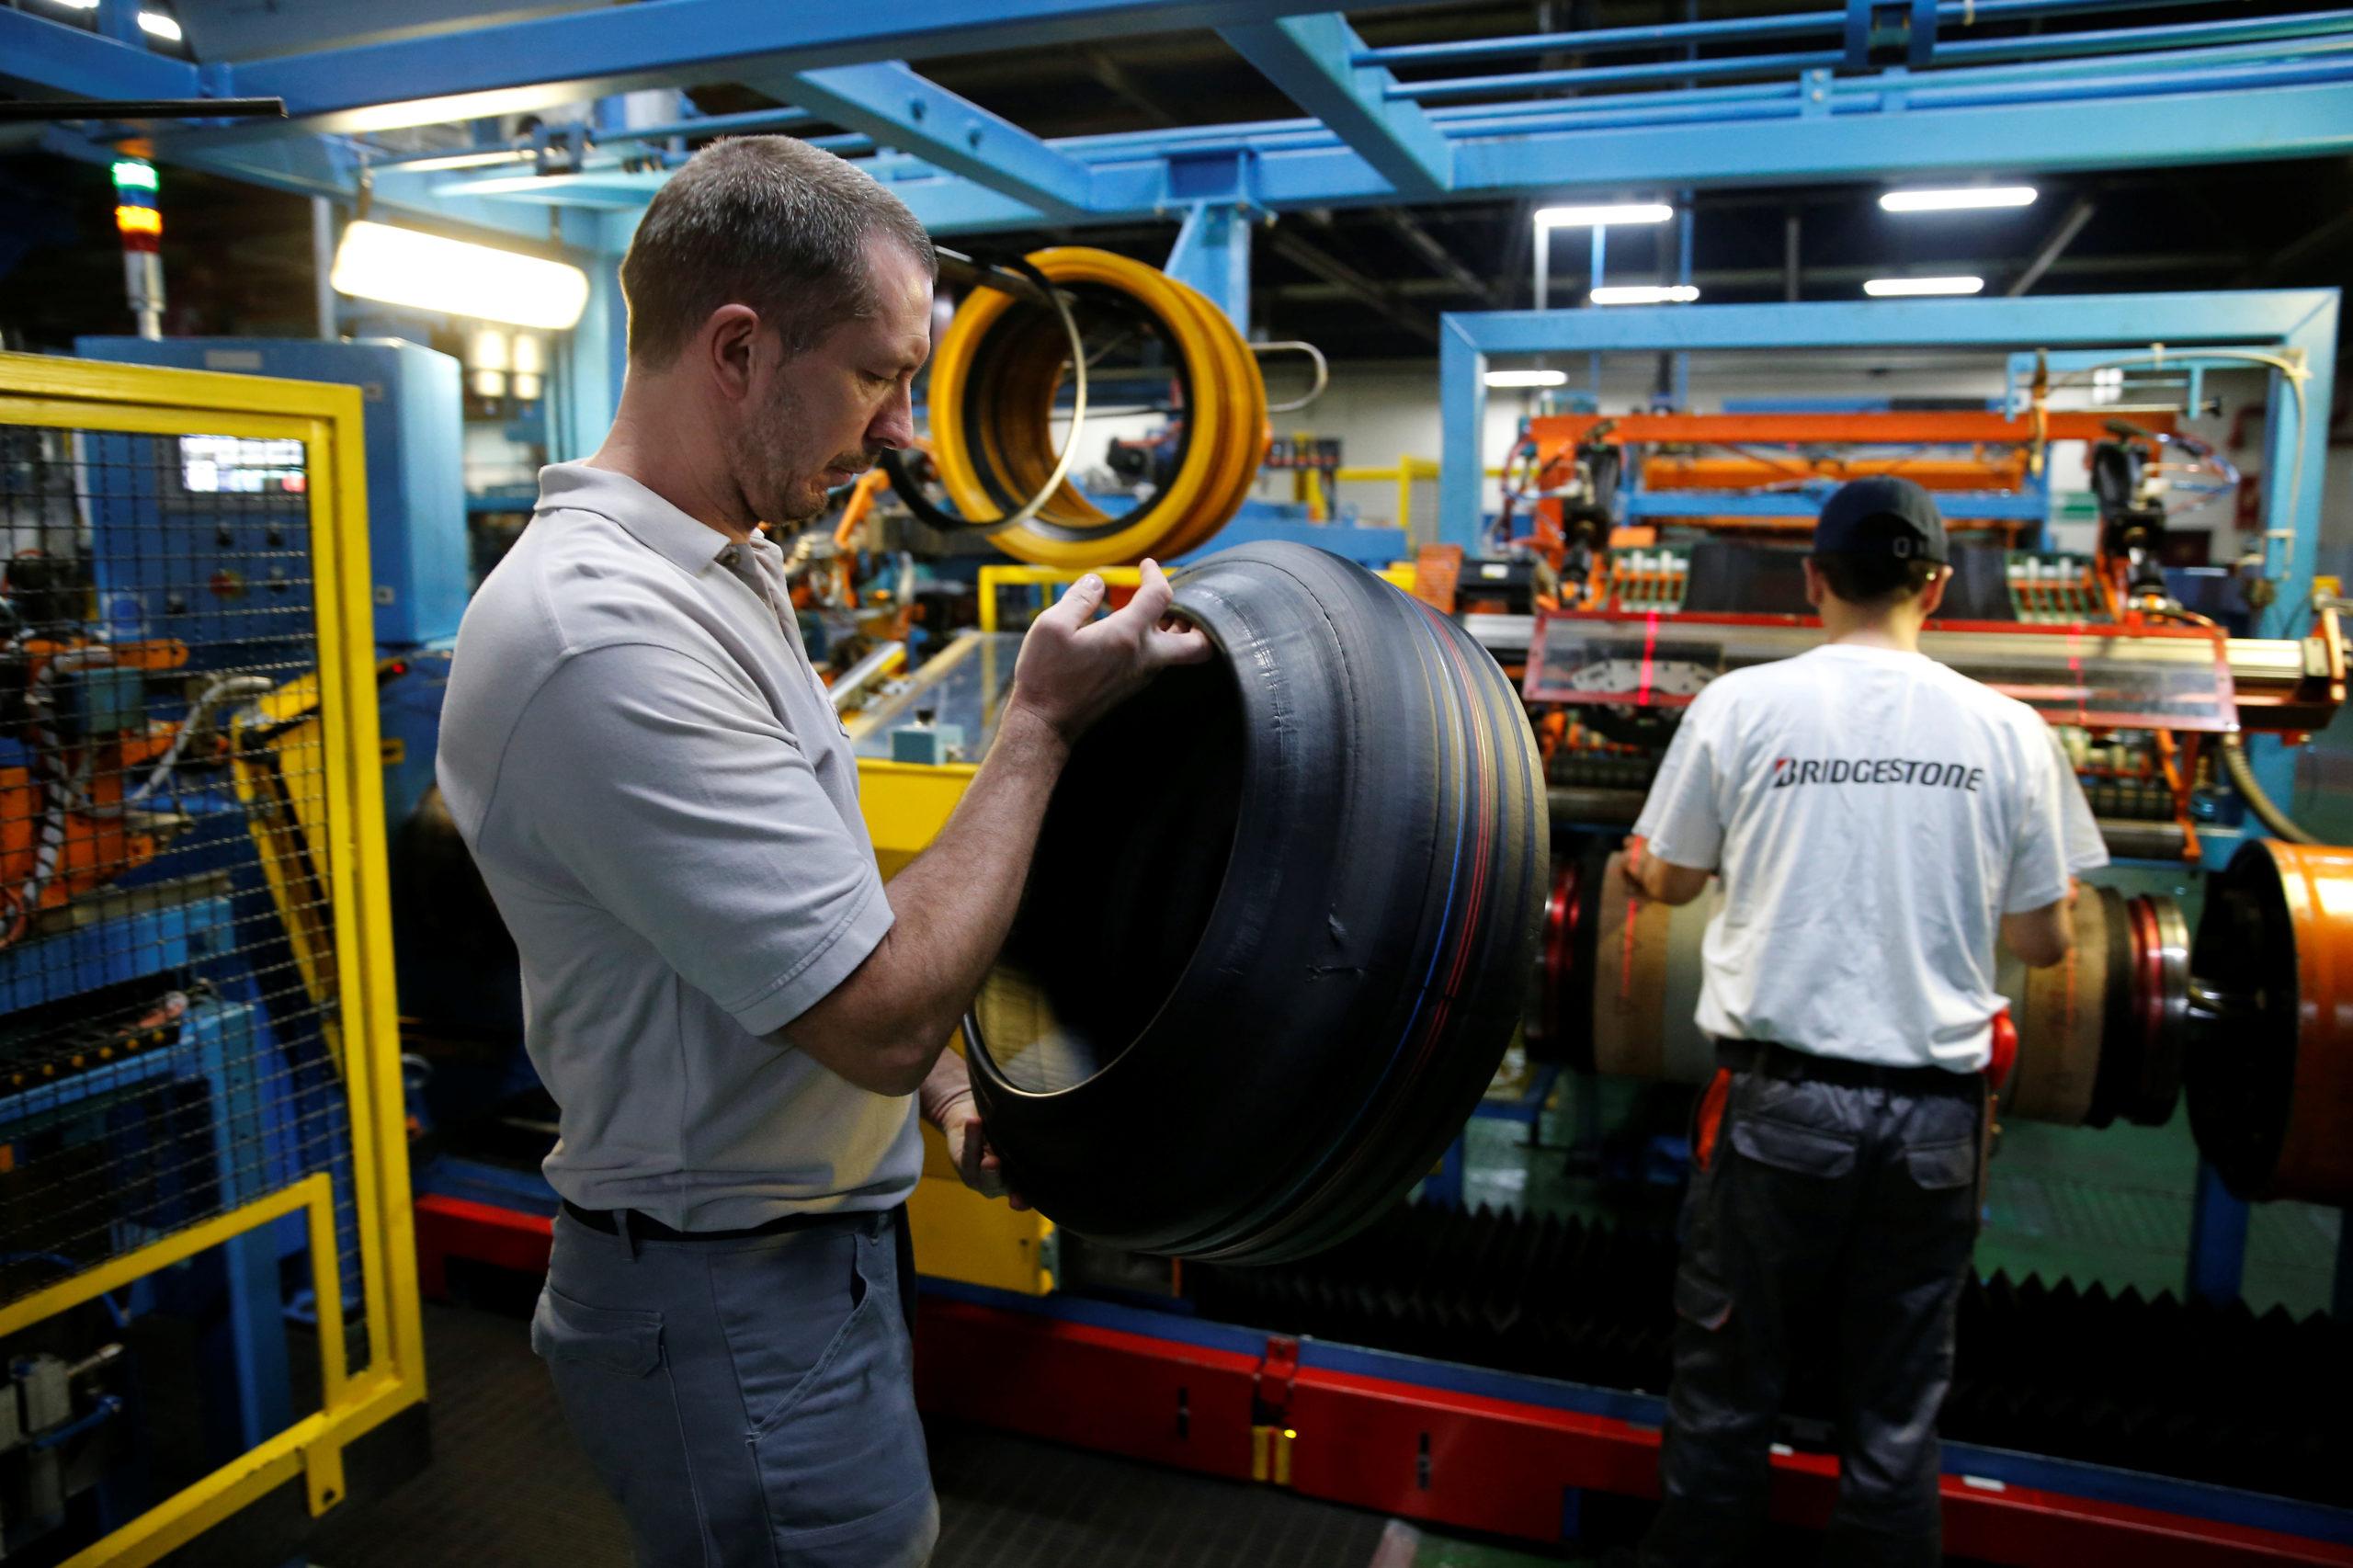 France: Bridgestone veut fermer l'usine de Béthune, le gouvernement proteste